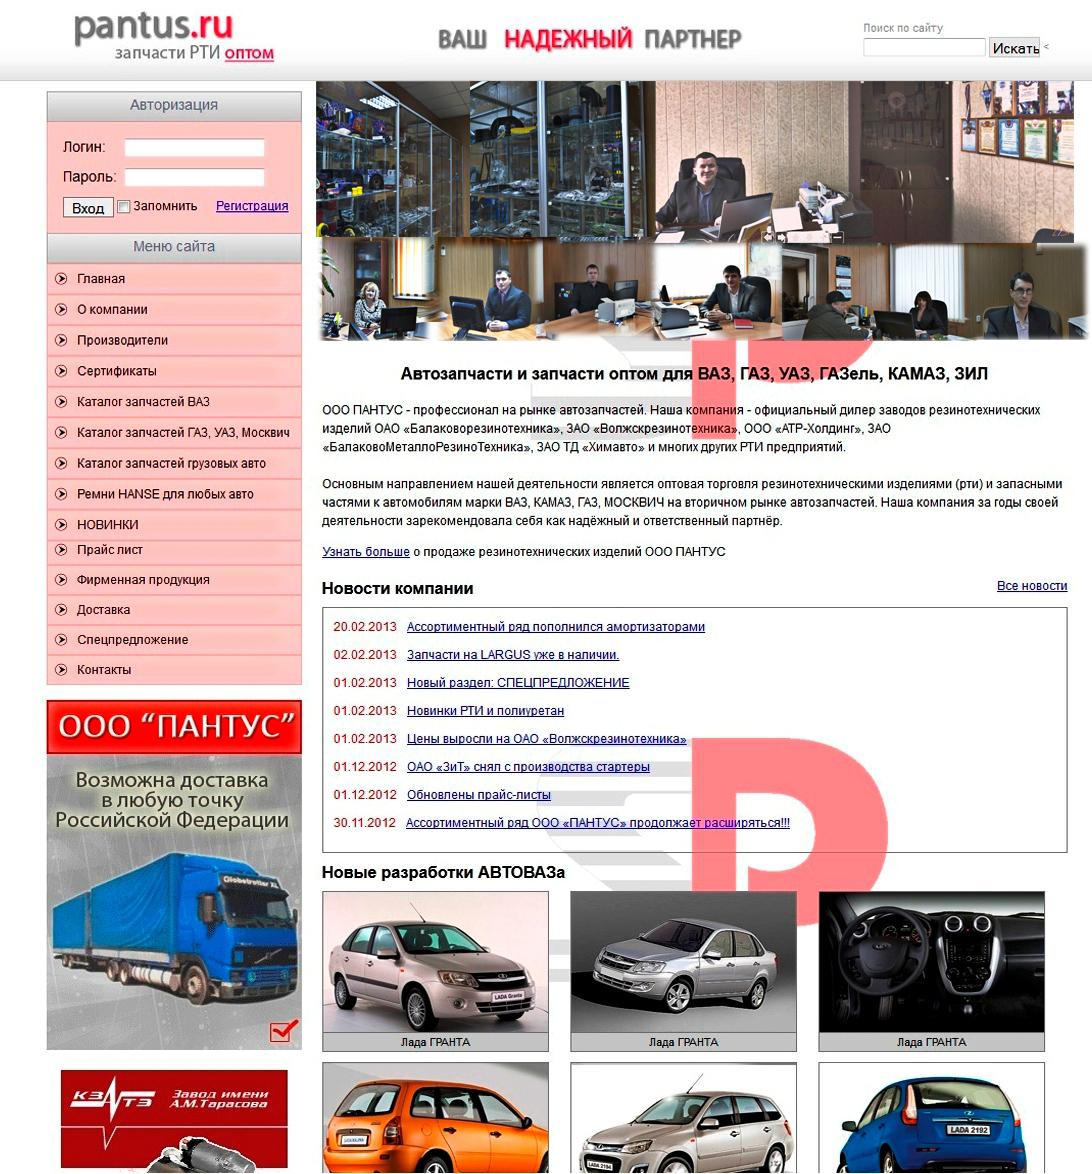 Фирма Пантус является официальным дилером БМРТ